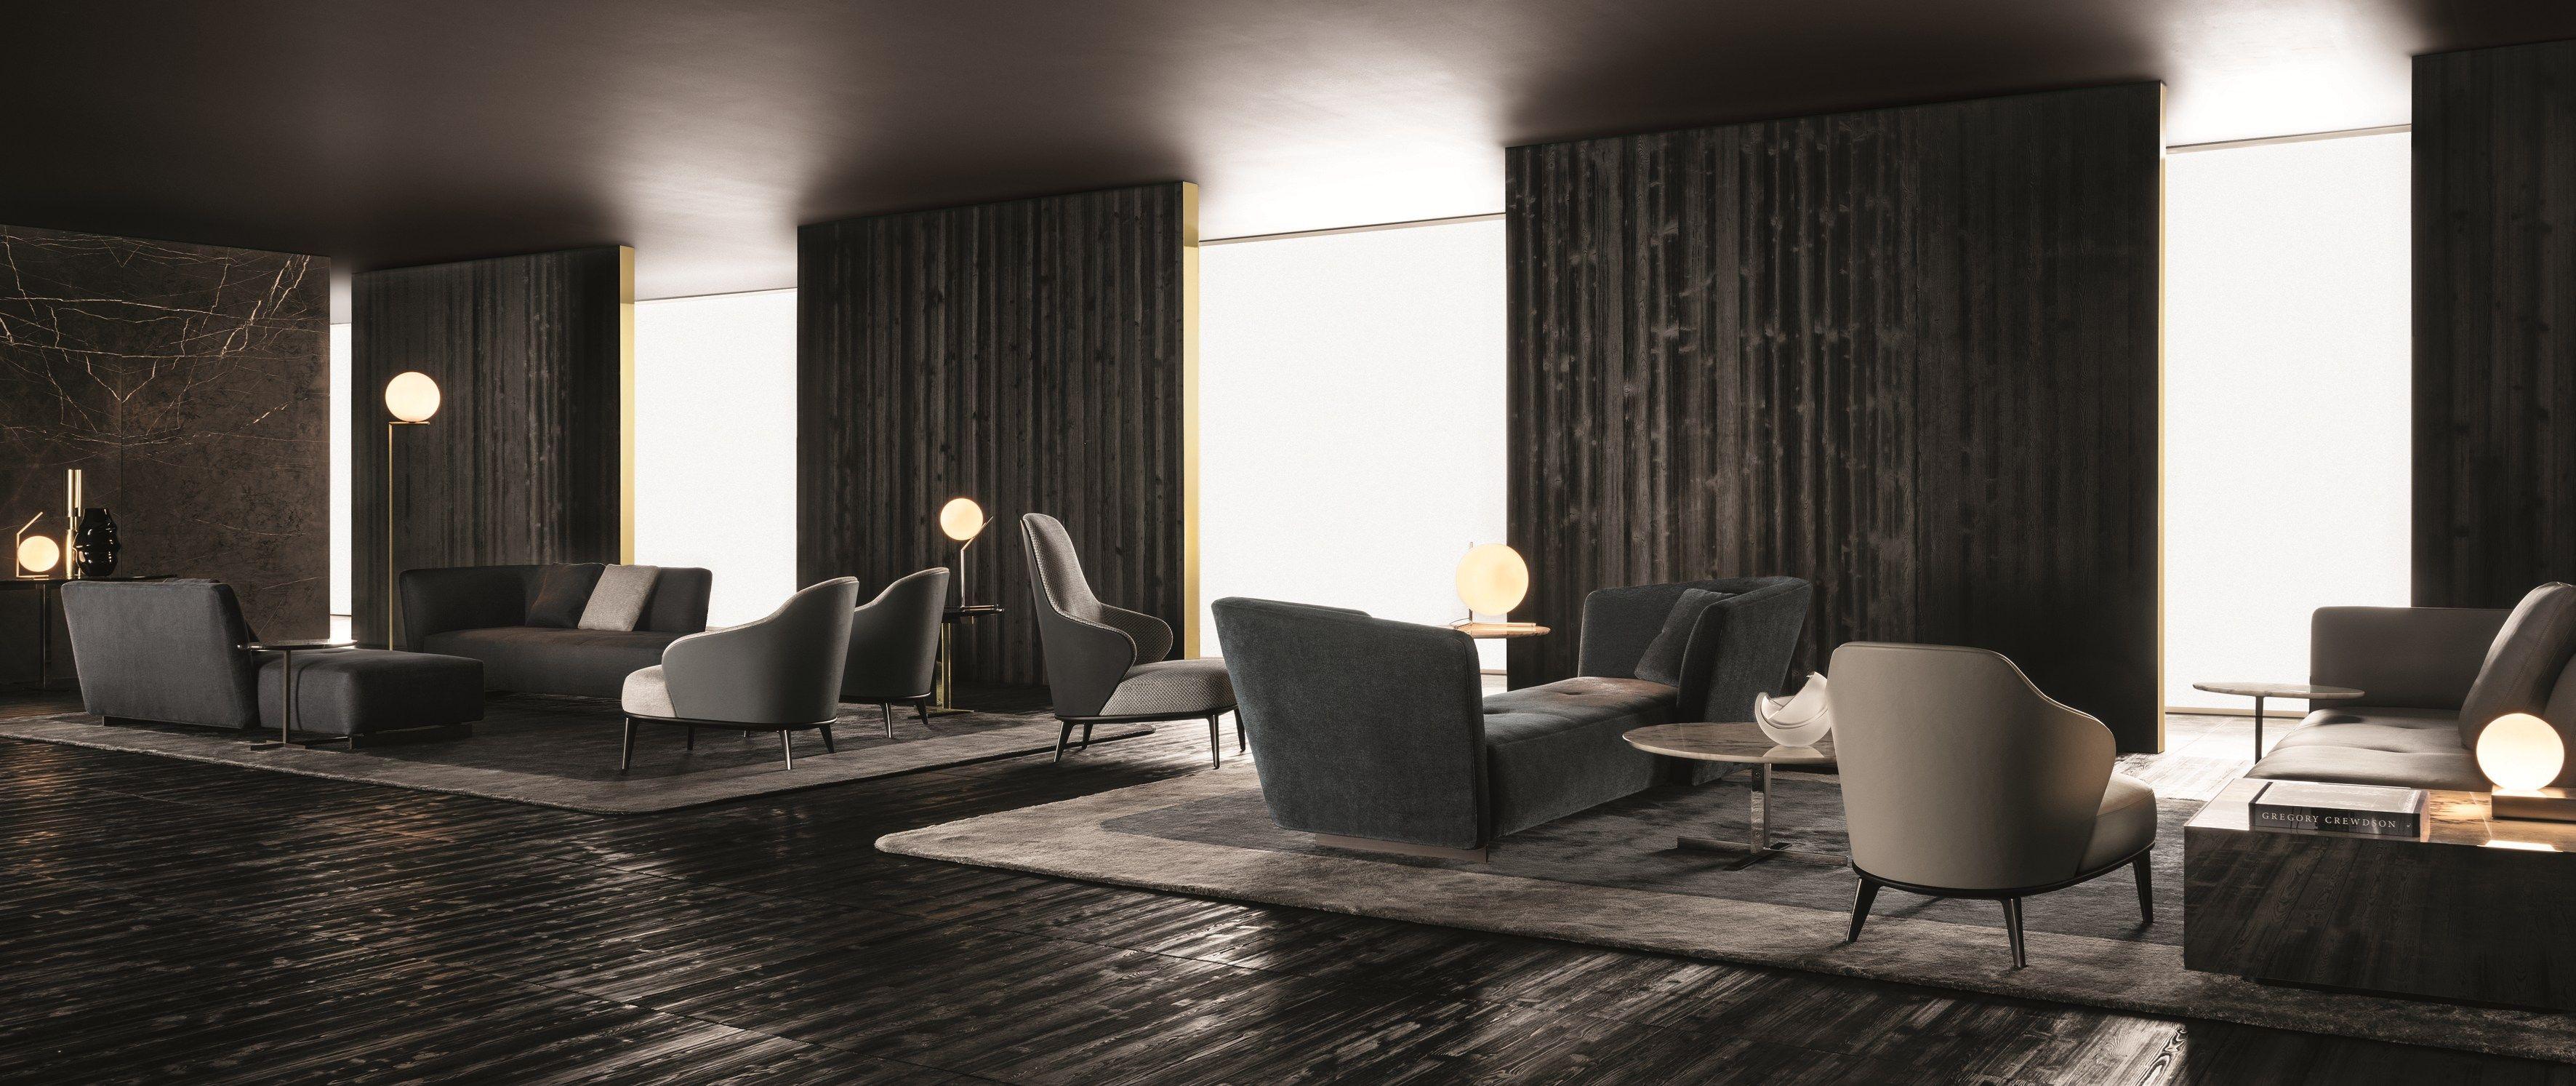 Lounge seymour by minotti design rodolfo dordoni for Arredare milano indipendenza